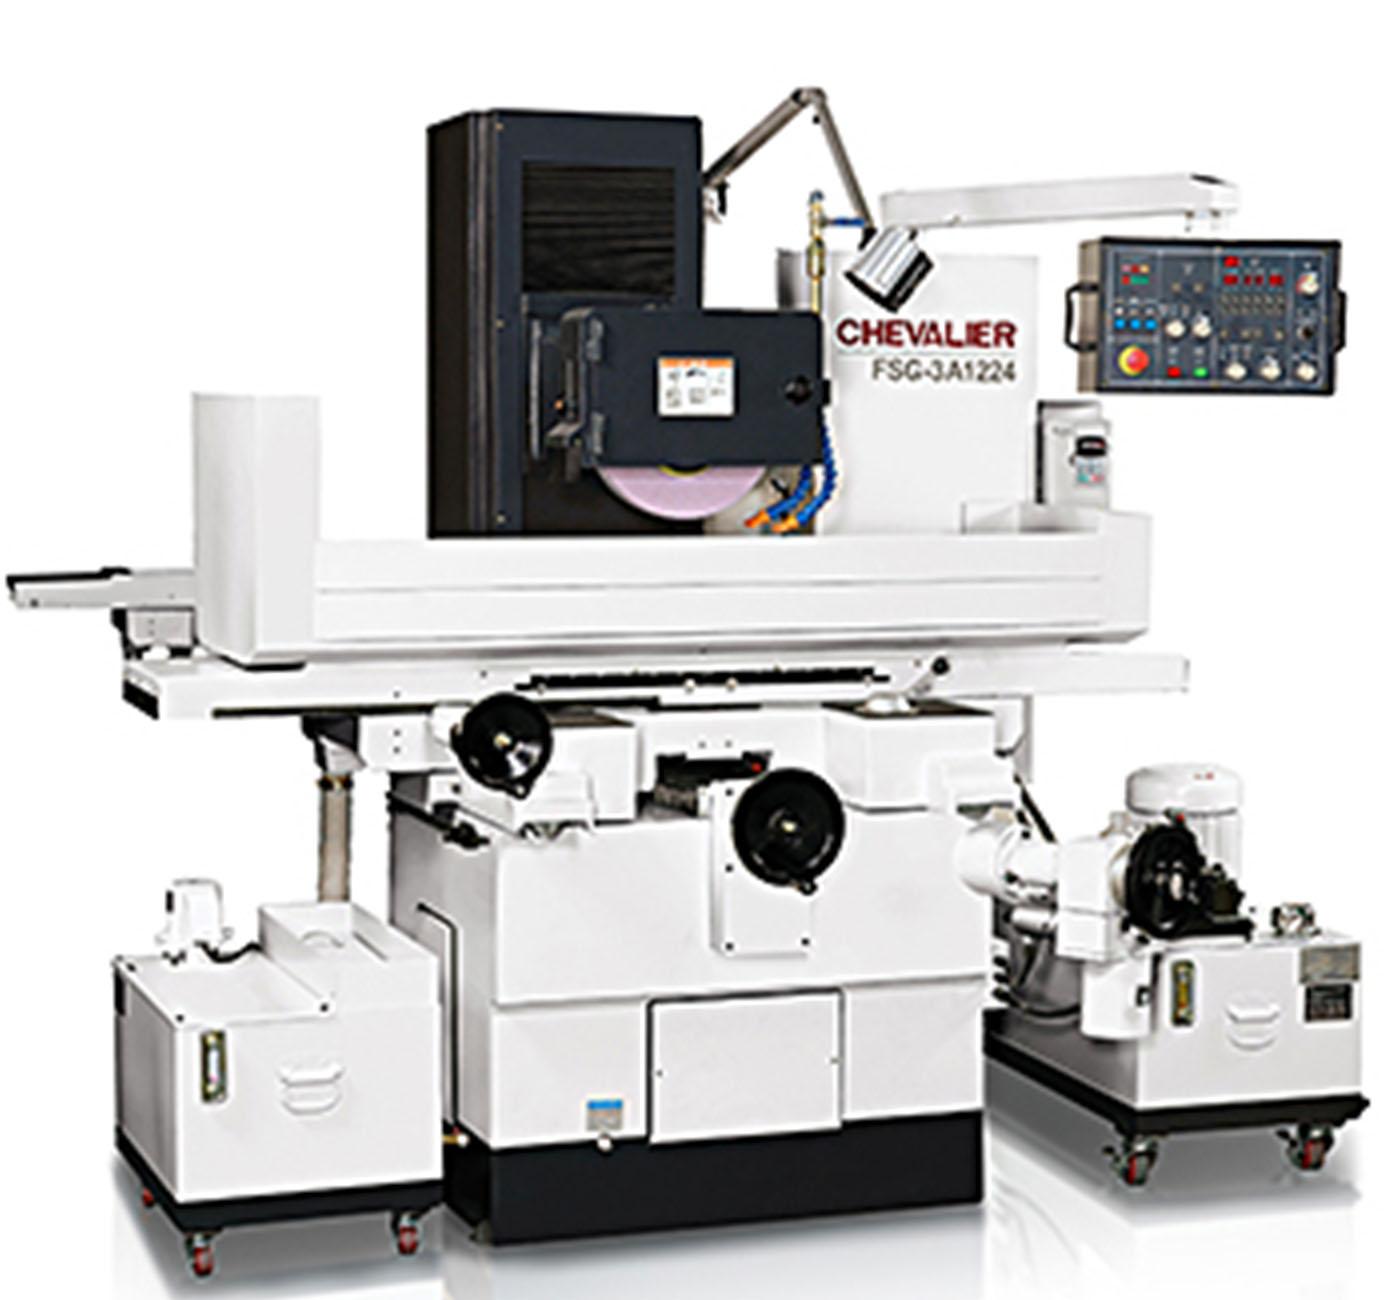 DIAMTS CNC TOOL GRINDER FSG-3A1224